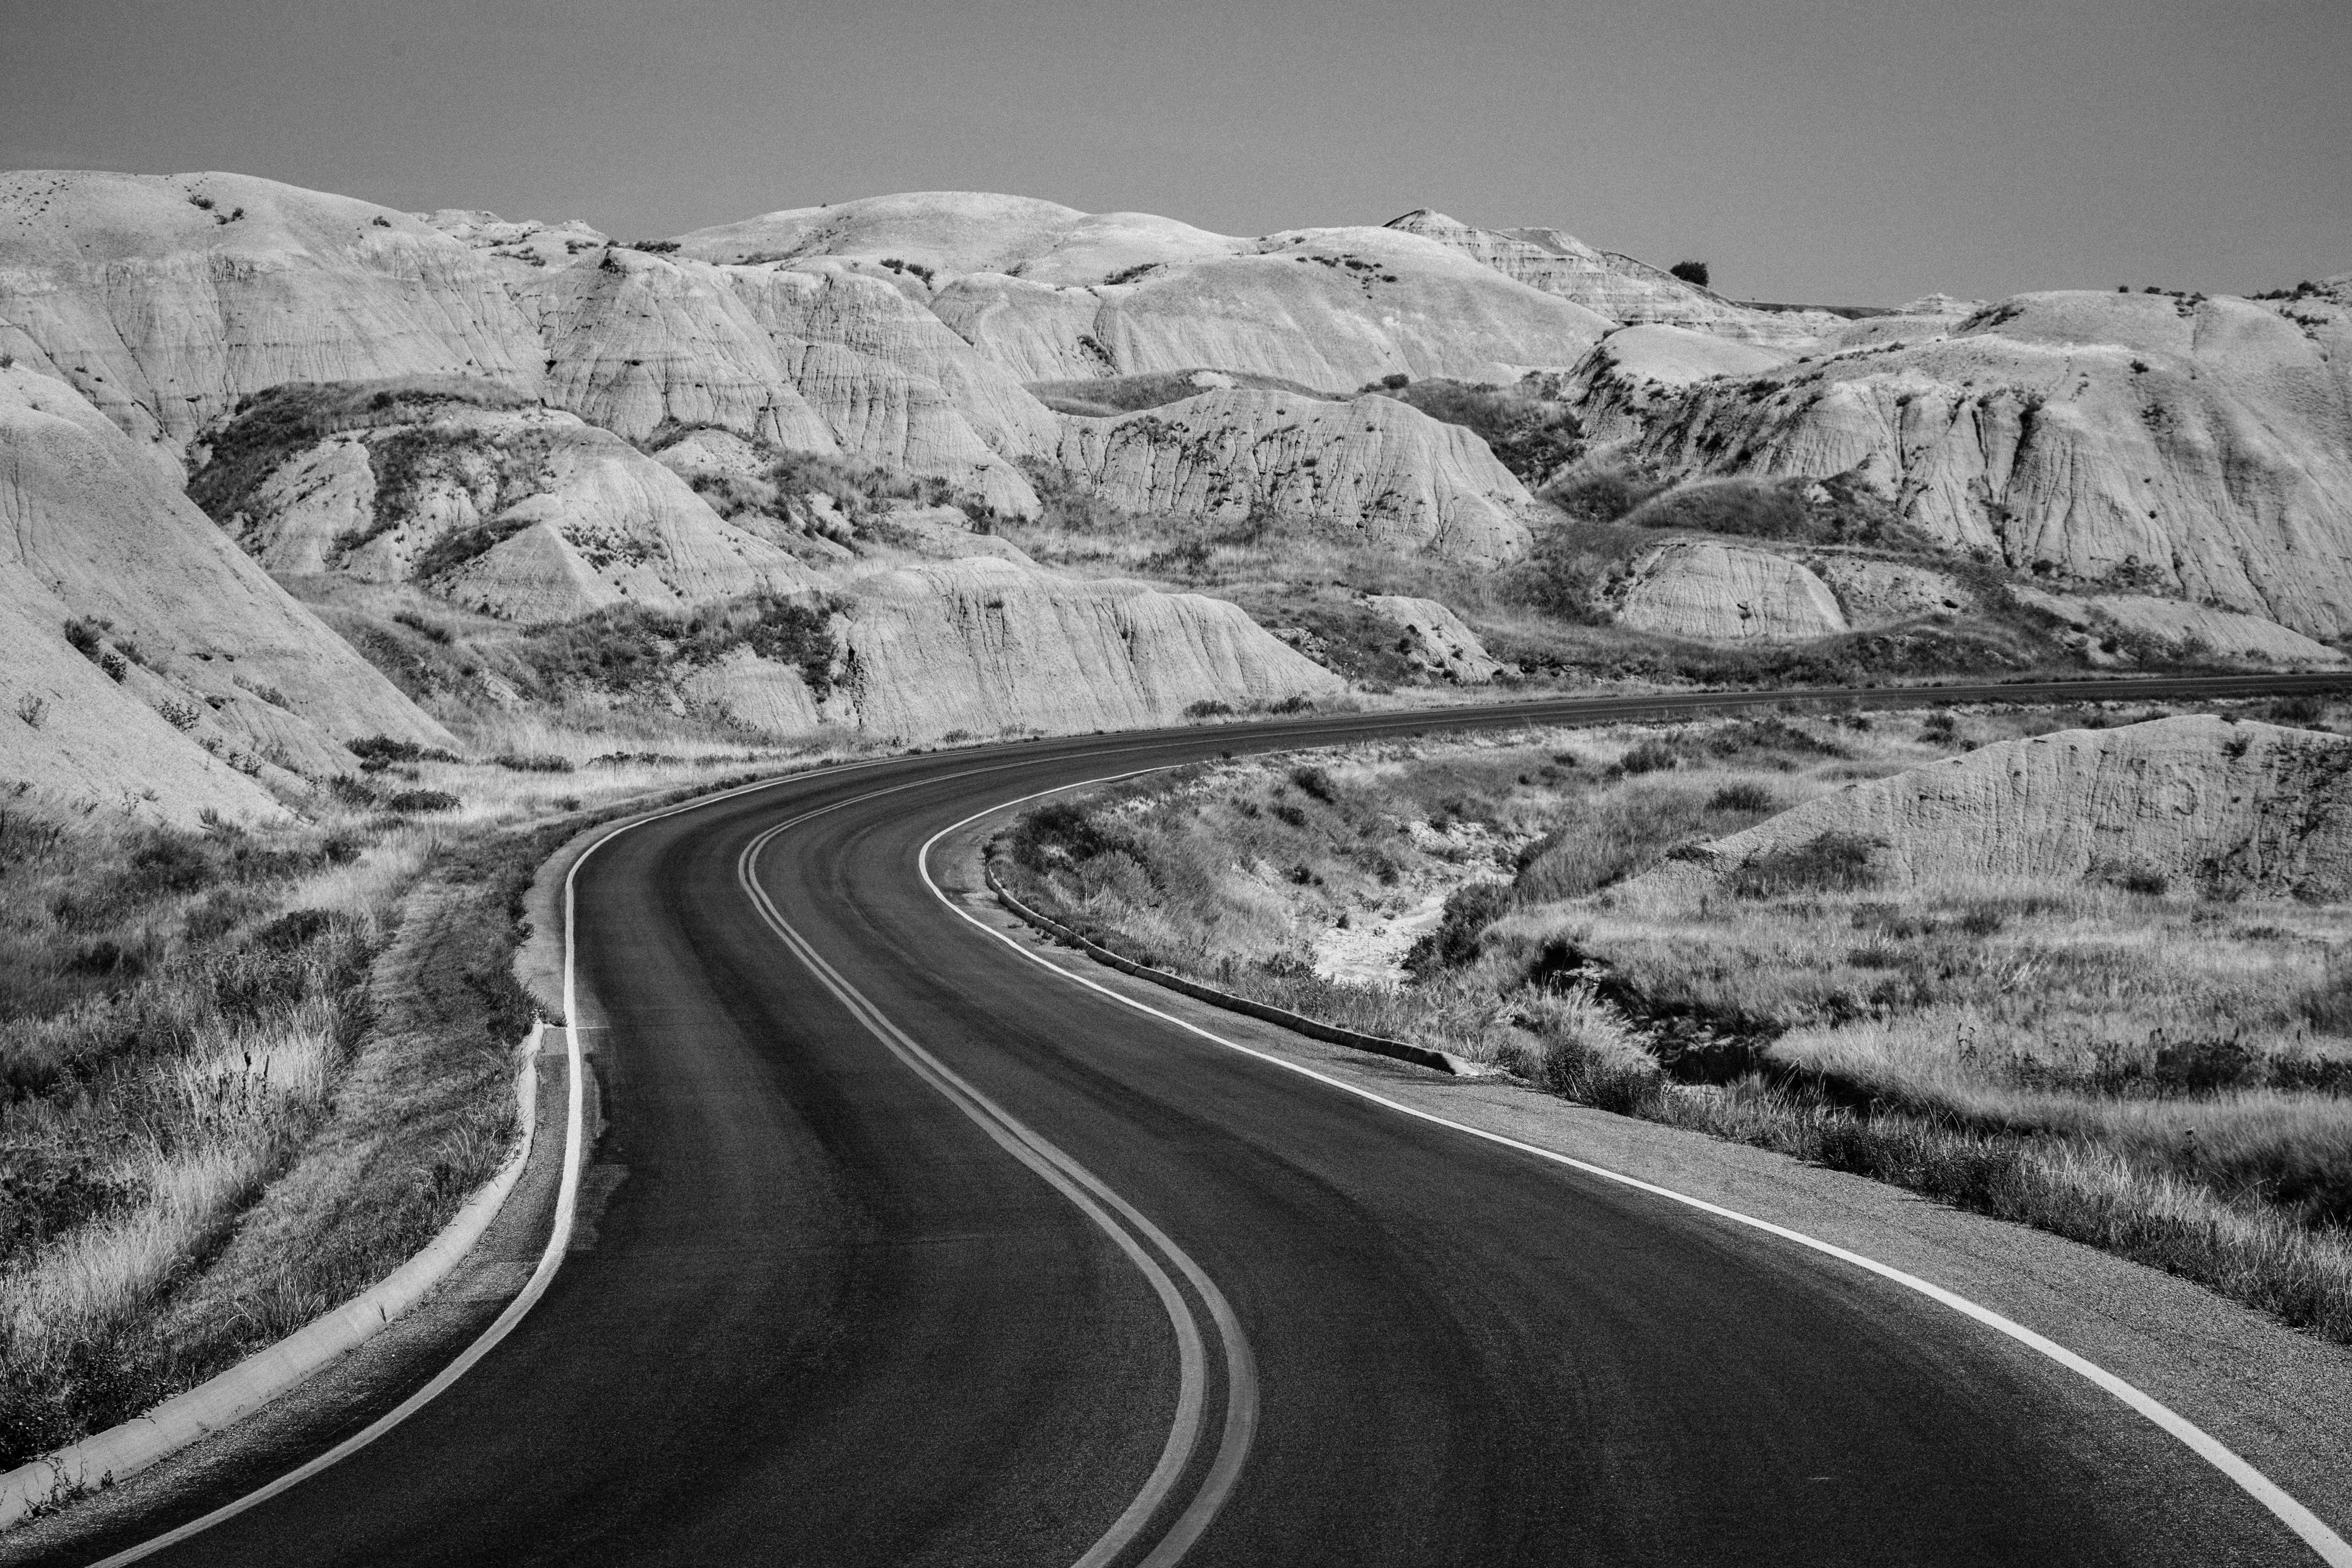 South Dakota Highway 240, Badlands National Park